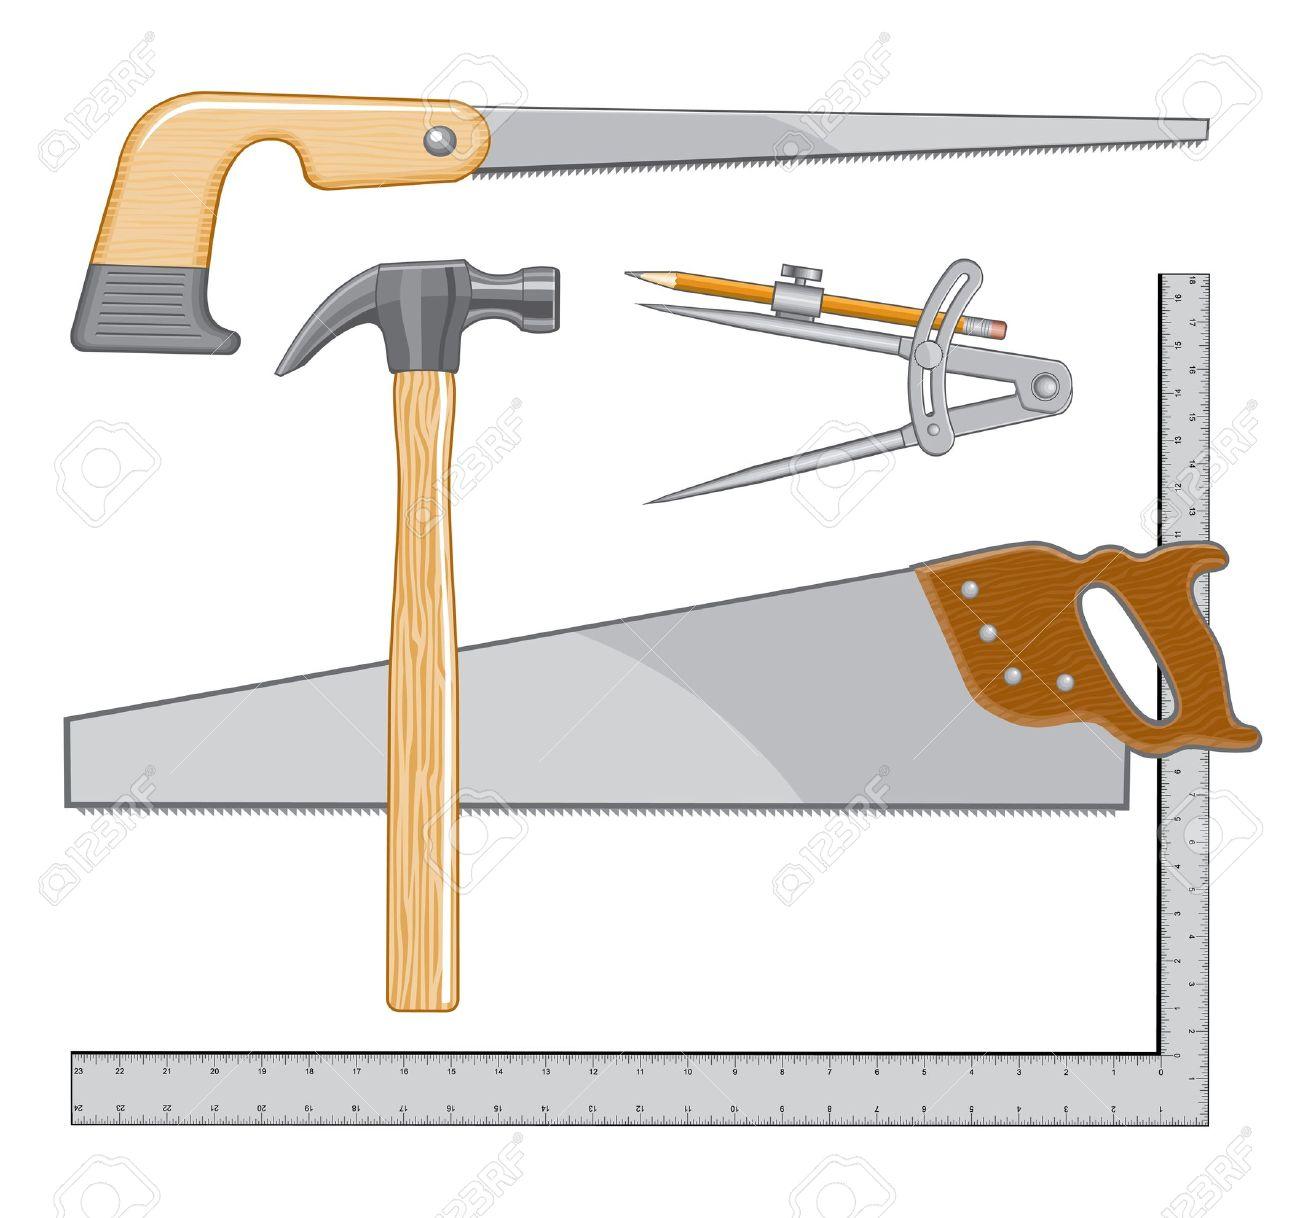 Tischlerei werkzeug  Tischler-Werkzeug-Logo Ist Eine Illustration, Die Als Logo Für ...